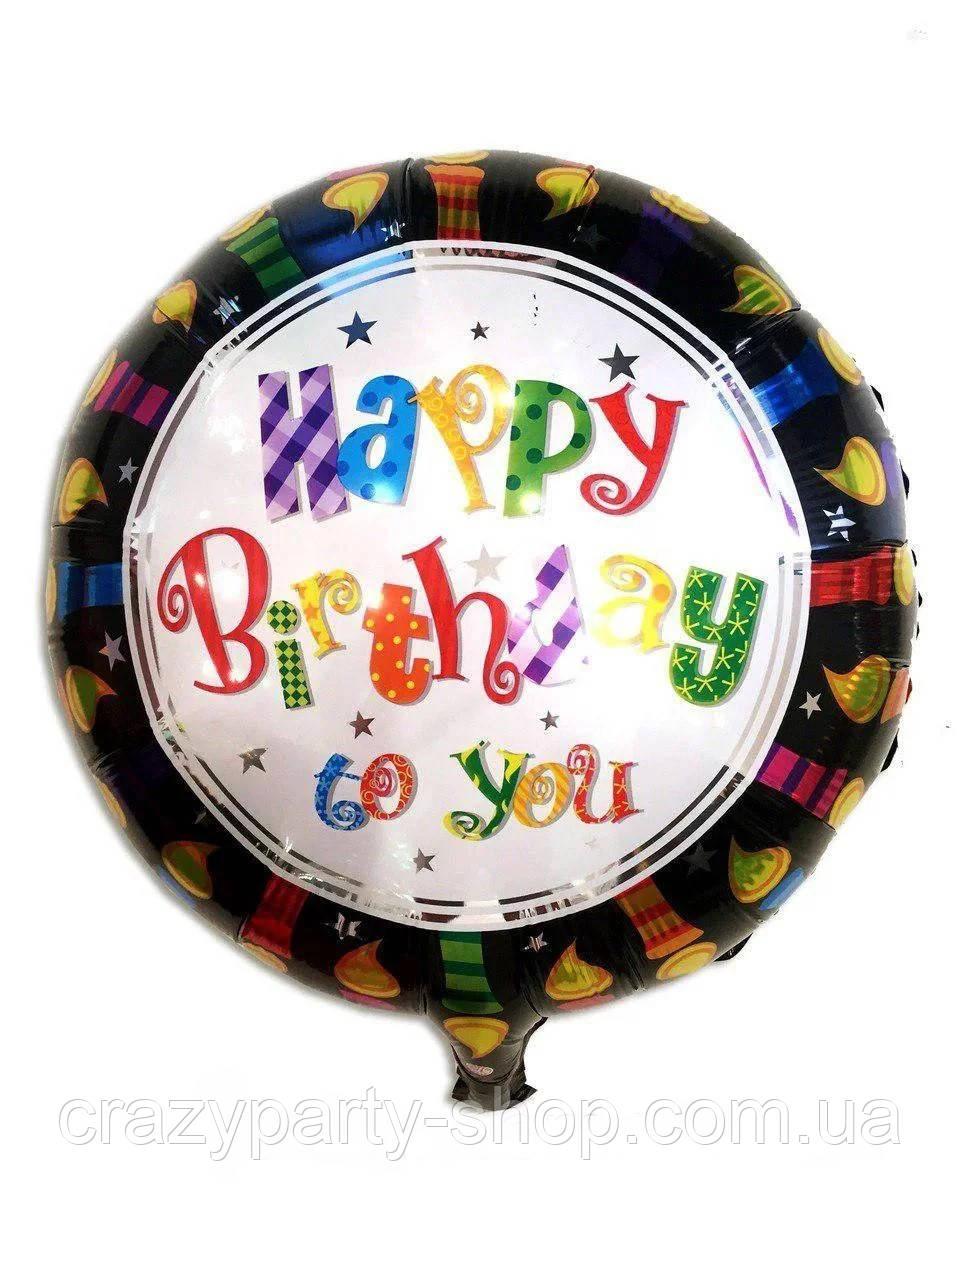 Фольгированый шар круглый  Happy birthday  18 дюймов